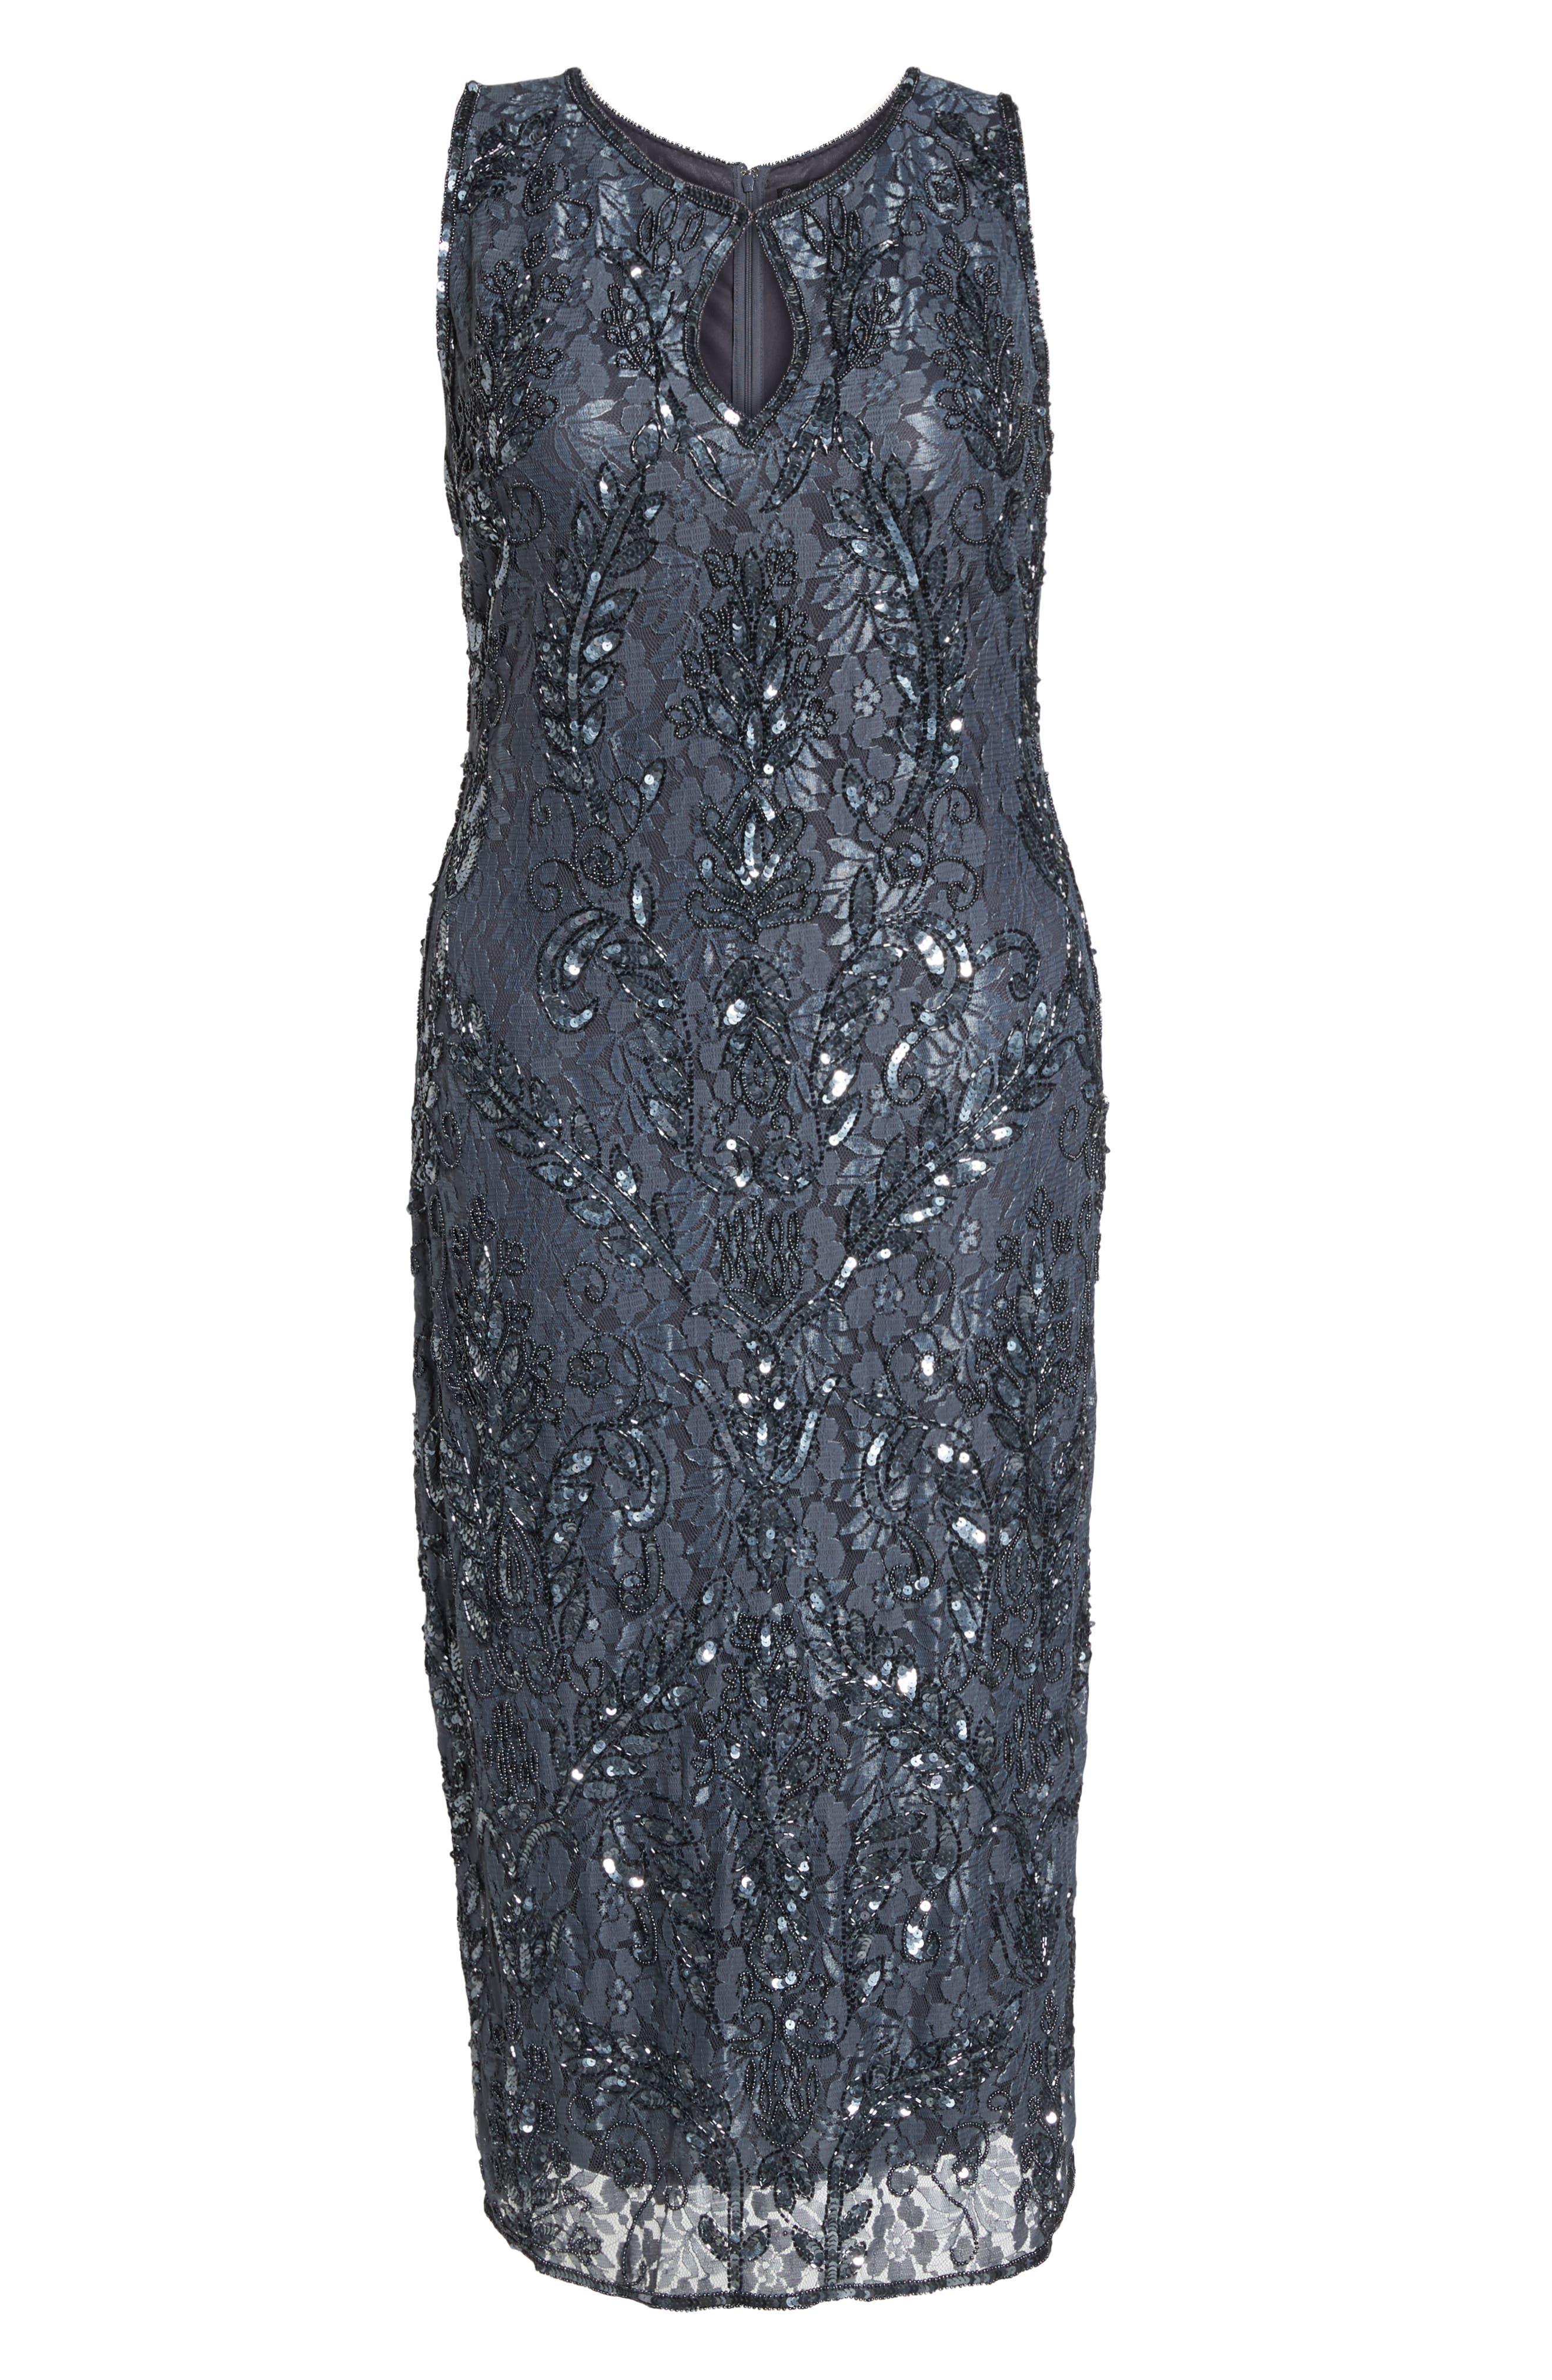 Sequin Lace Sheath Dress,                             Alternate thumbnail 7, color,                             020